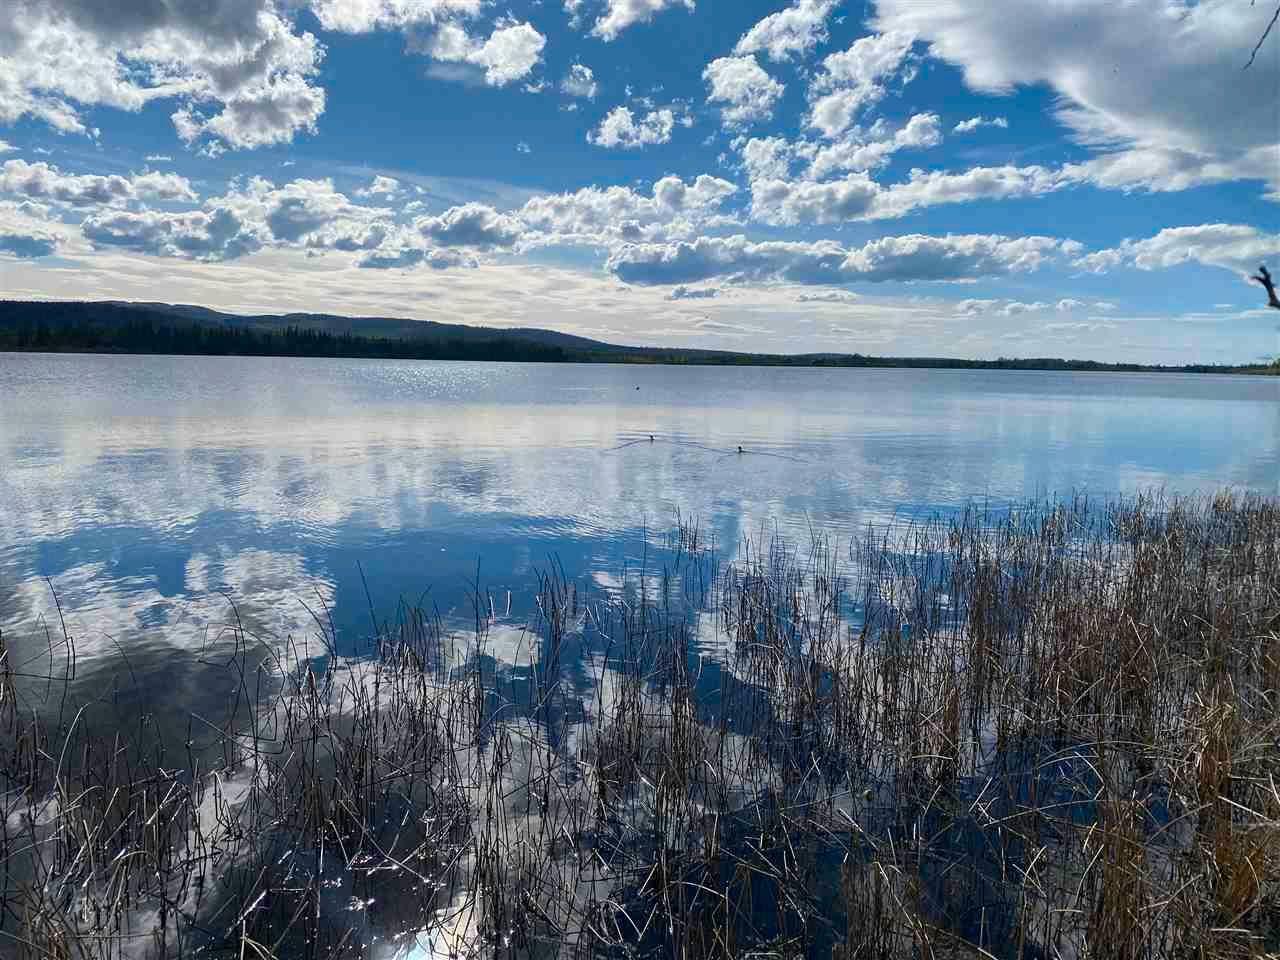 Main Photo: 6660 BIG CREEK Road in Williams Lake: Williams Lake - Rural West Land for sale (Williams Lake (Zone 27))  : MLS®# R2567850